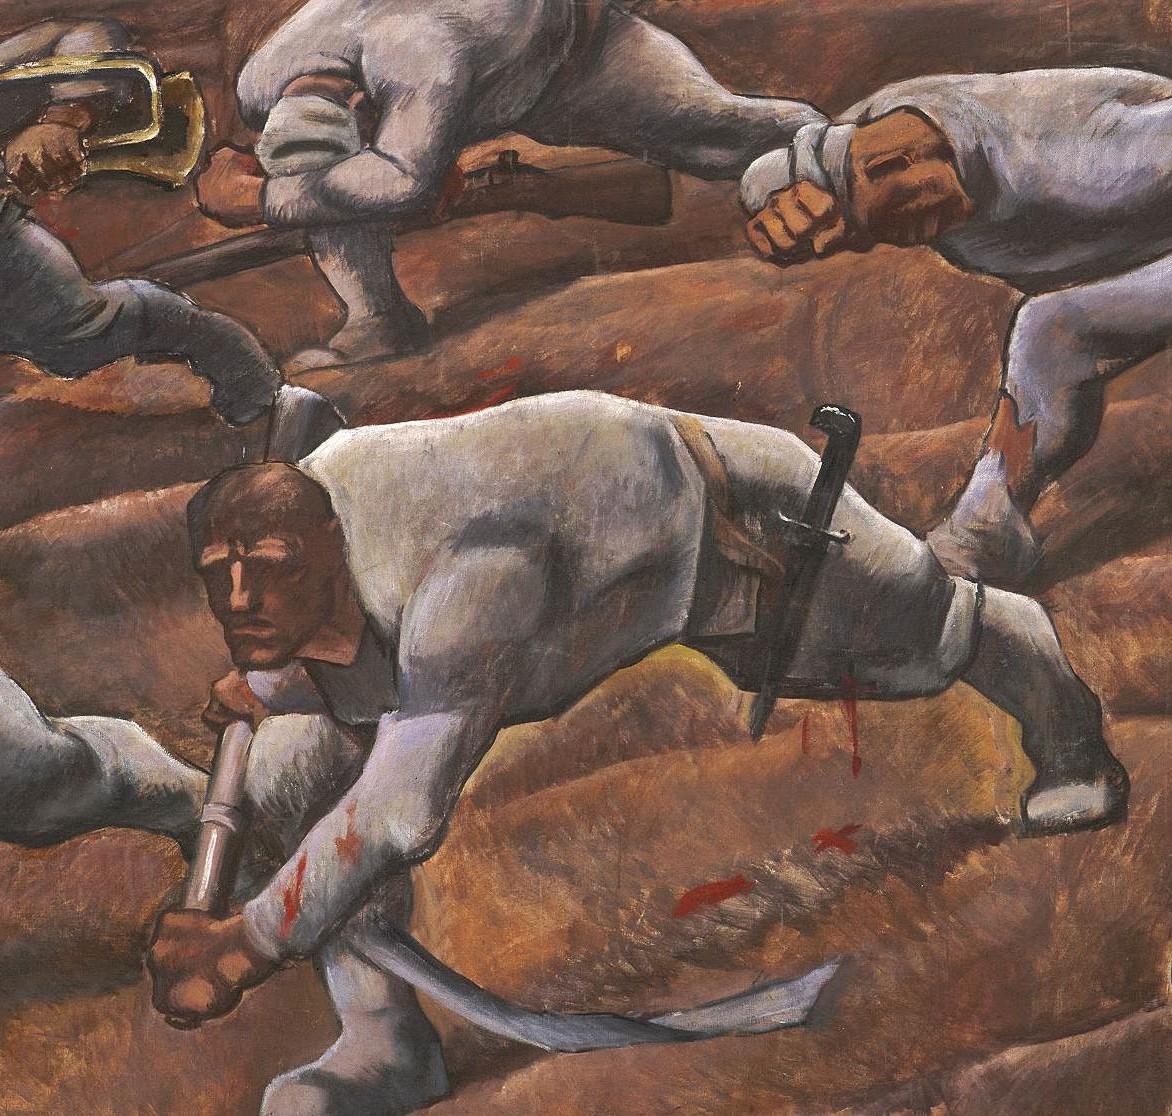 Detail aus einem Gemälde, geduckte und verletzte Soldaten gehen über ein Feld.